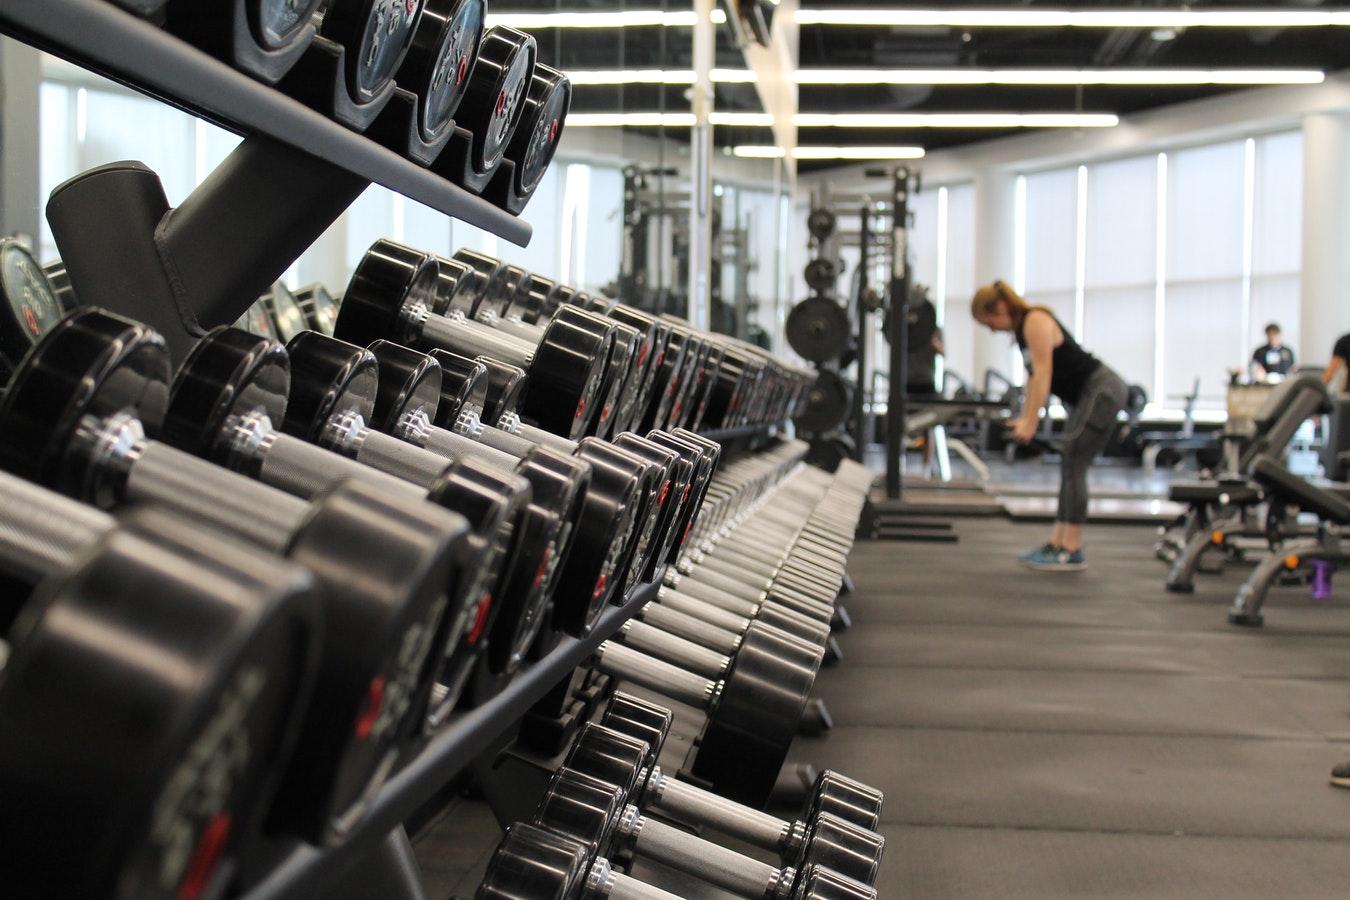 【劉安桓專欄】健身房的美麗與哀愁 論運動風險與履約糾紛